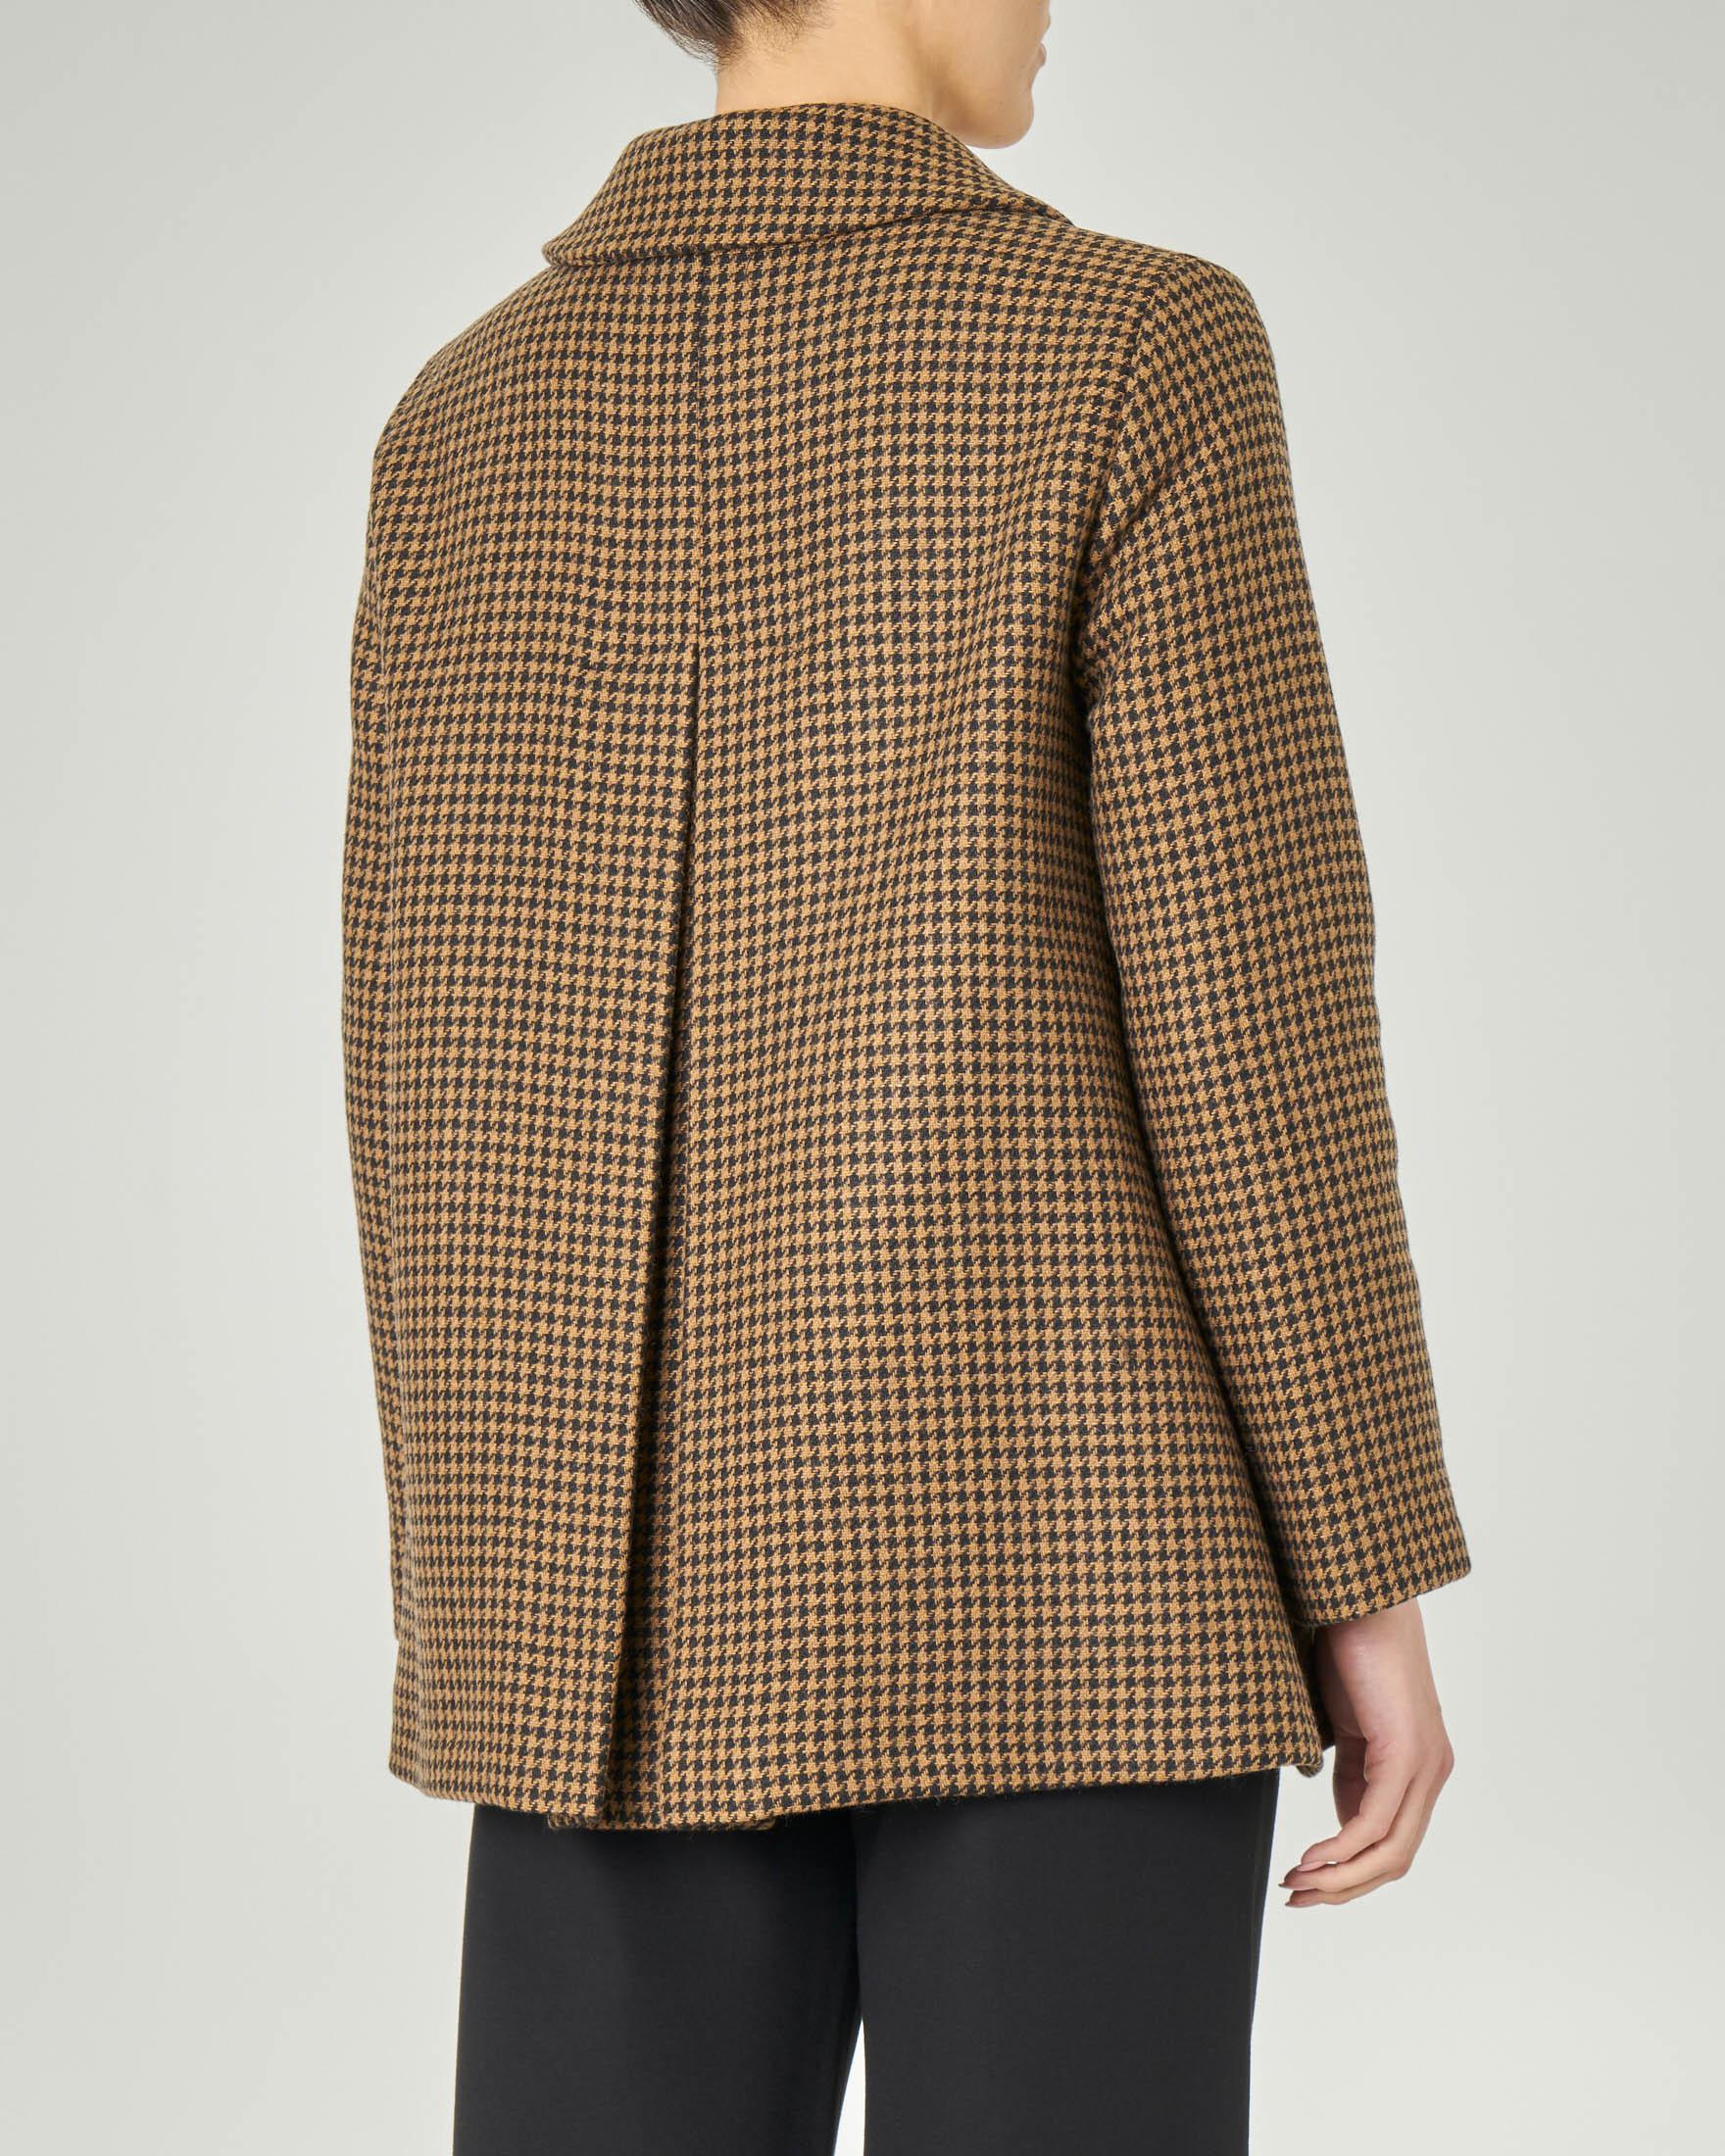 Cappottino color cammello in tessuto misto lana con lavorazione diagonale a fantasia pied de poule cammello e nero